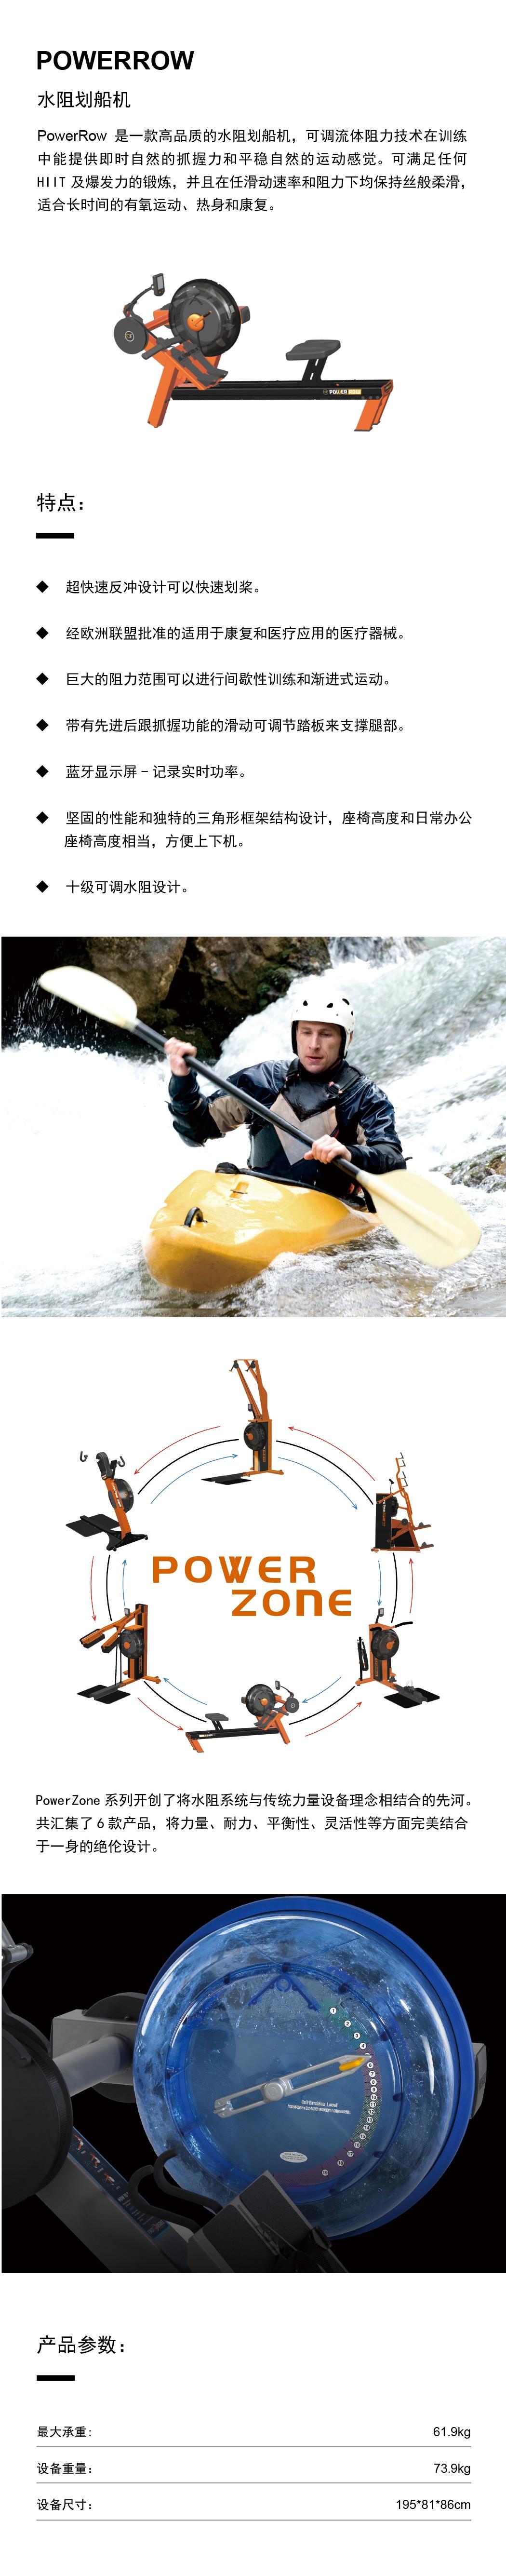 水阻划船机.jpg